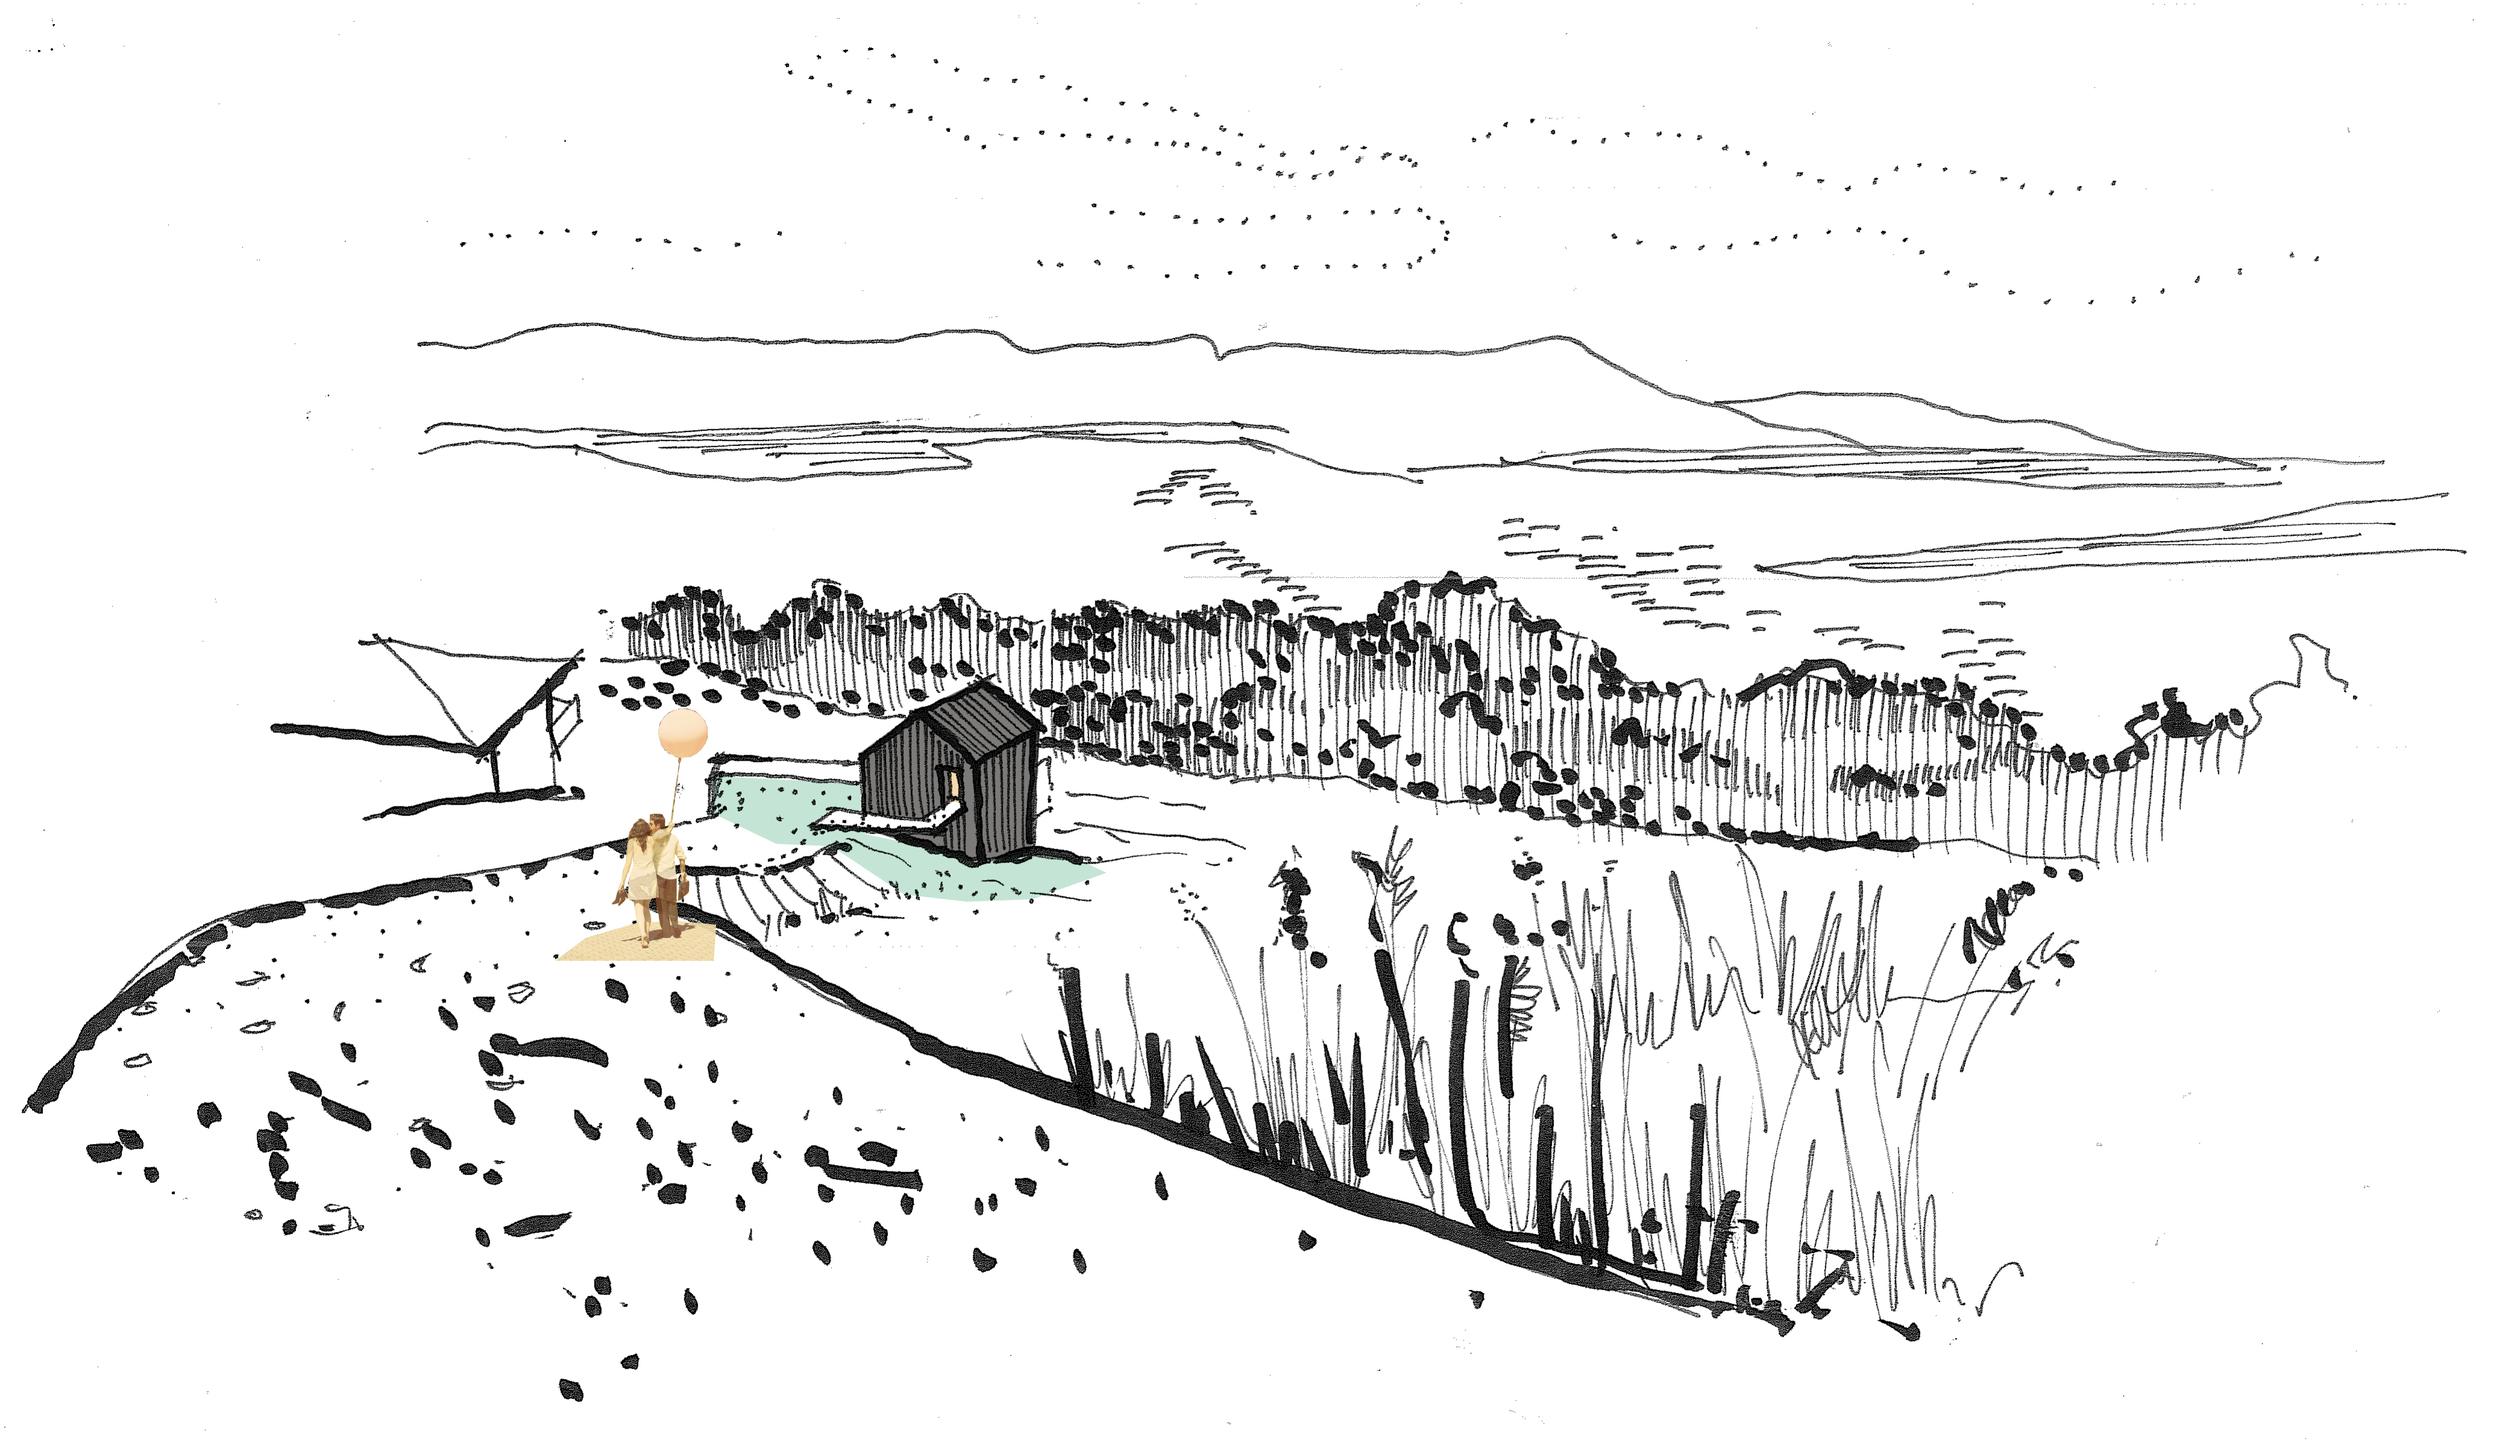 sketch courtesy of bek verrier